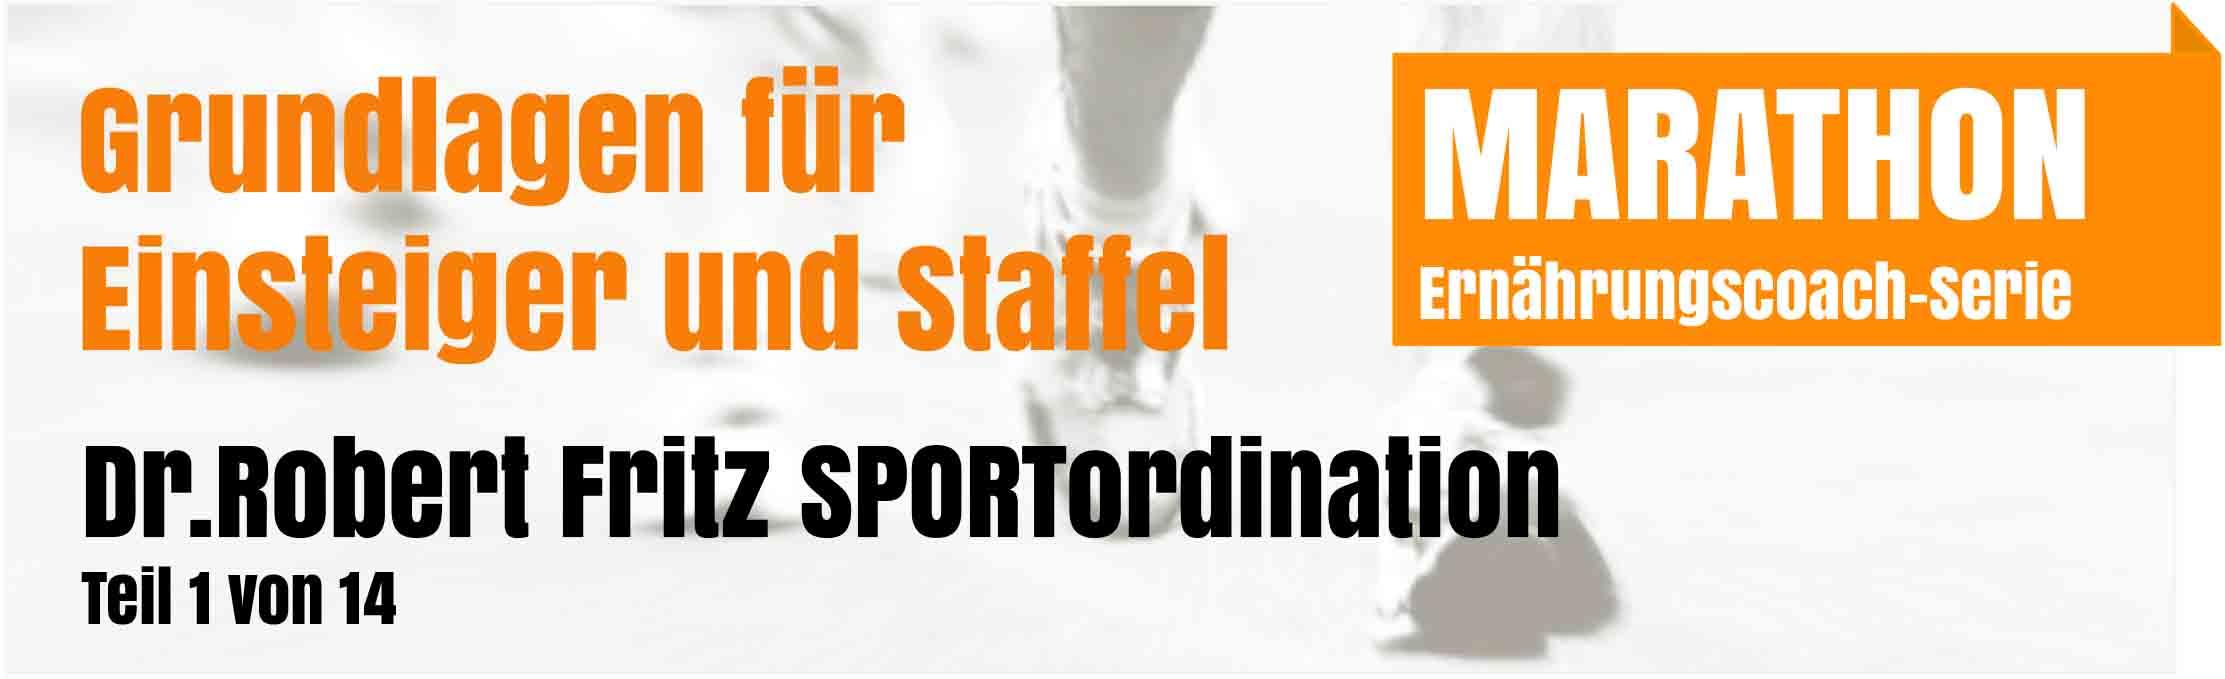 Marathon-Slider-13lSyMJDJQoJ6j